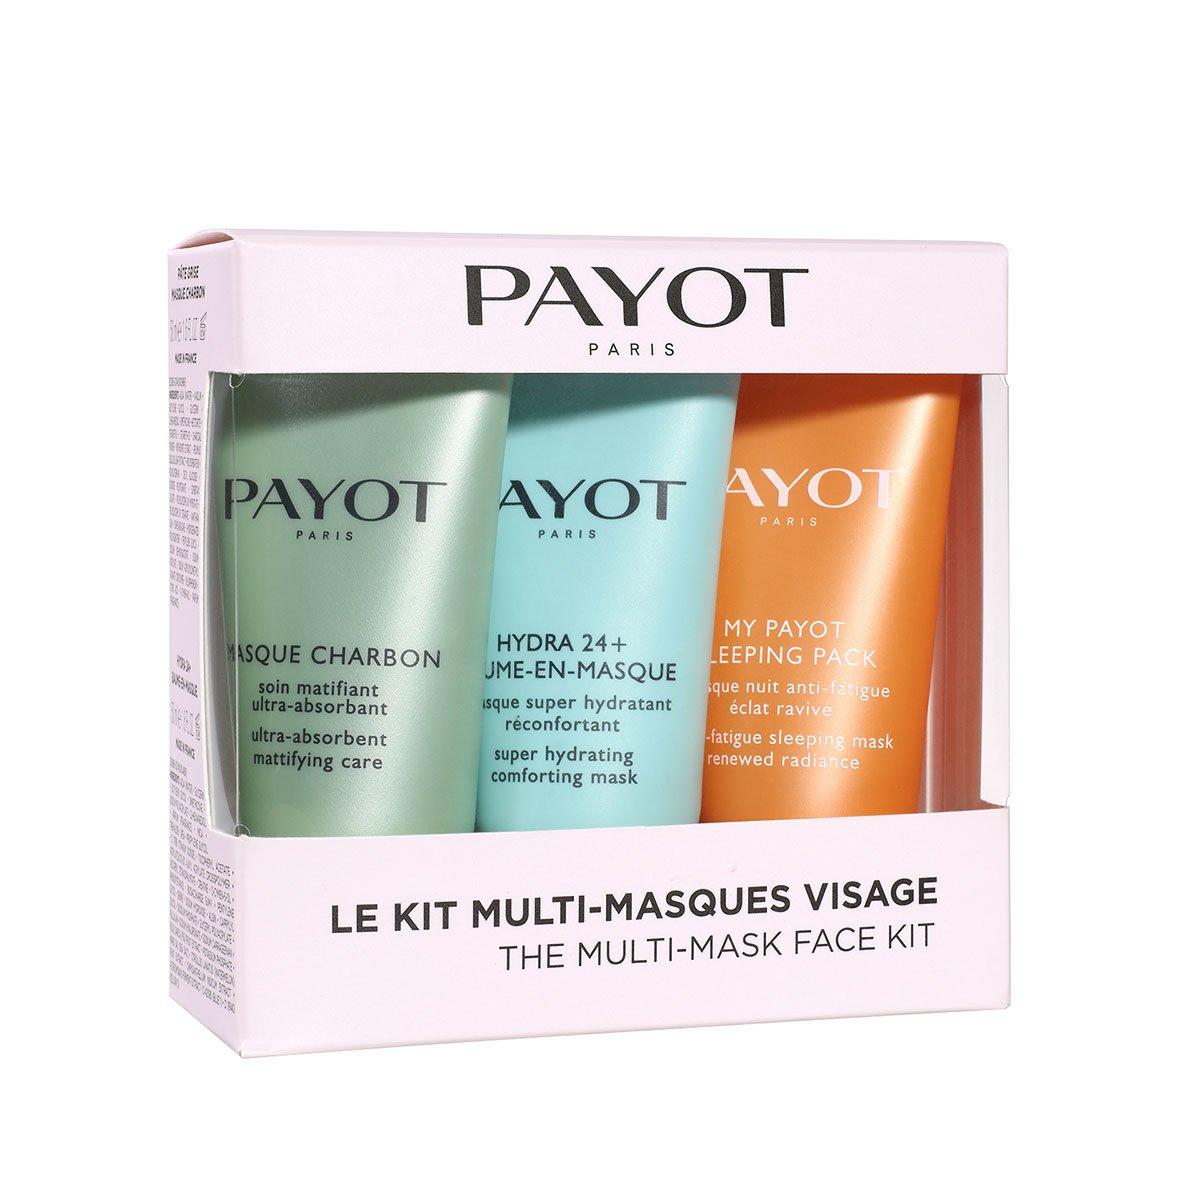 Payot setMasque 3